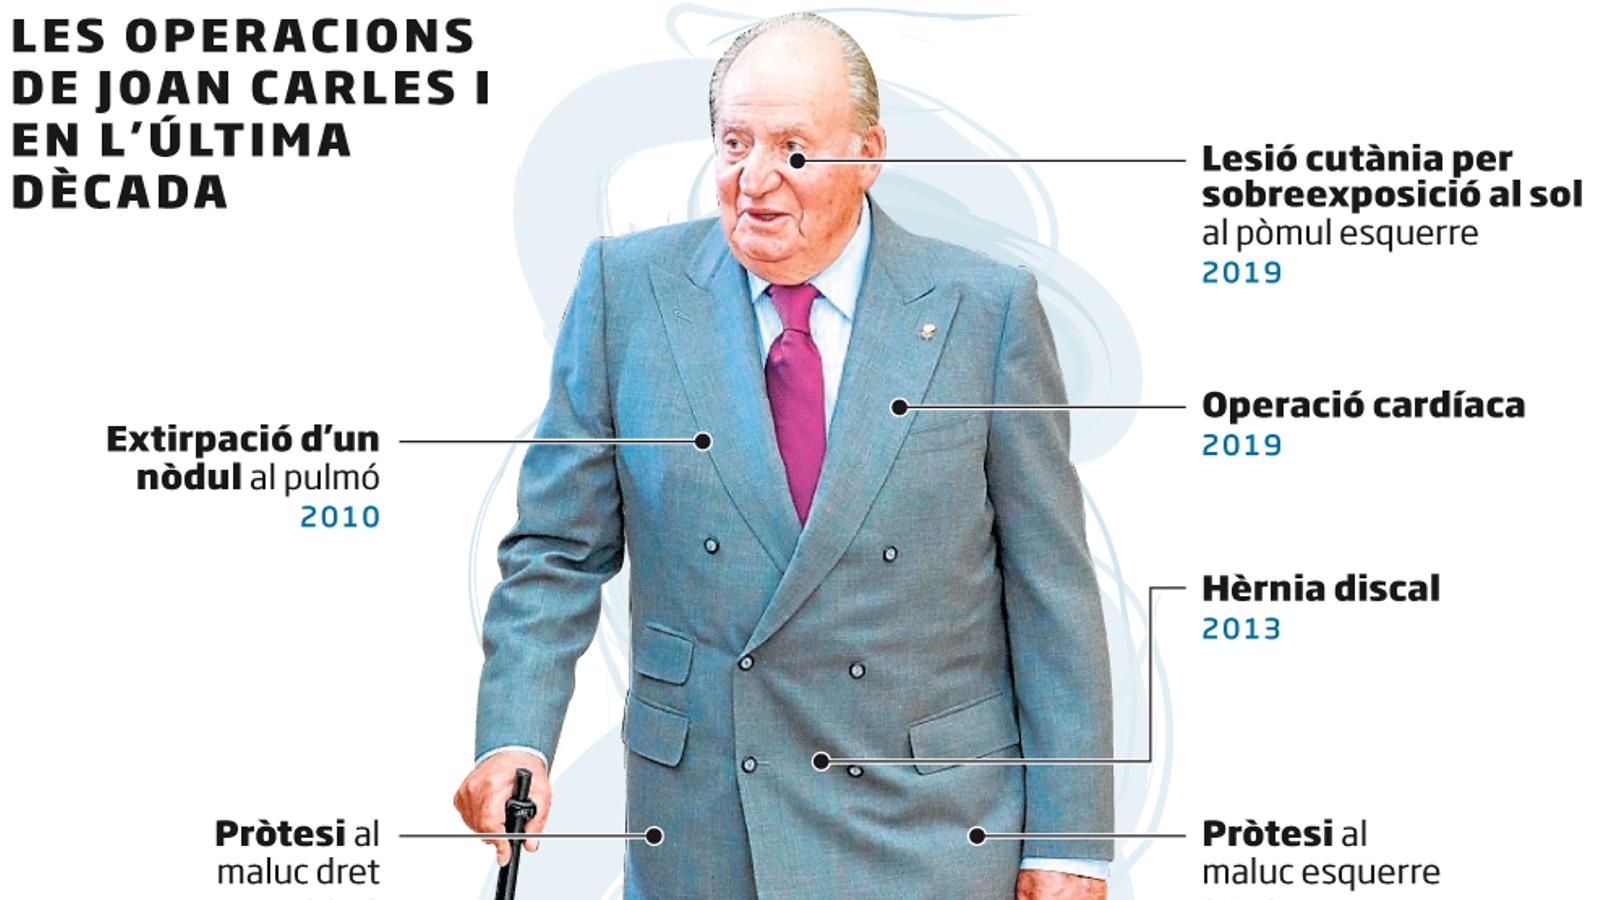 Joan Carles I serà operat del cor dissabte